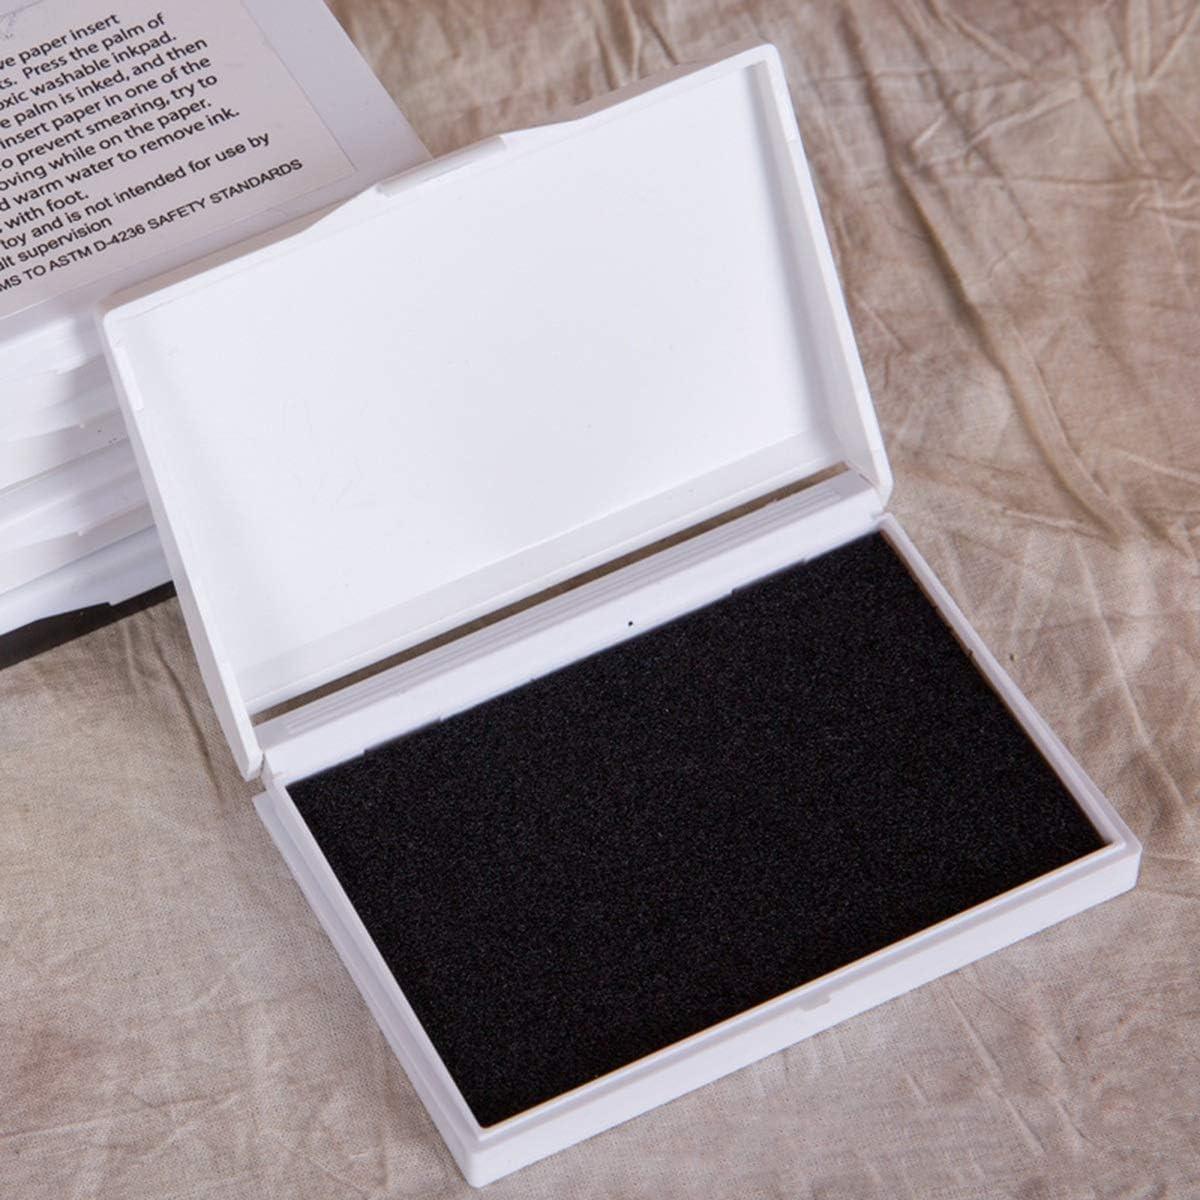 Color : Black Nosii Handabdruck Foodprint Inkless Neugeborenes Baby M/ädchen Jungen Handabdruck-Fu/ßabdruck-Fotorahmen-Kit ungiftig Clean Touch-Stempelkissen